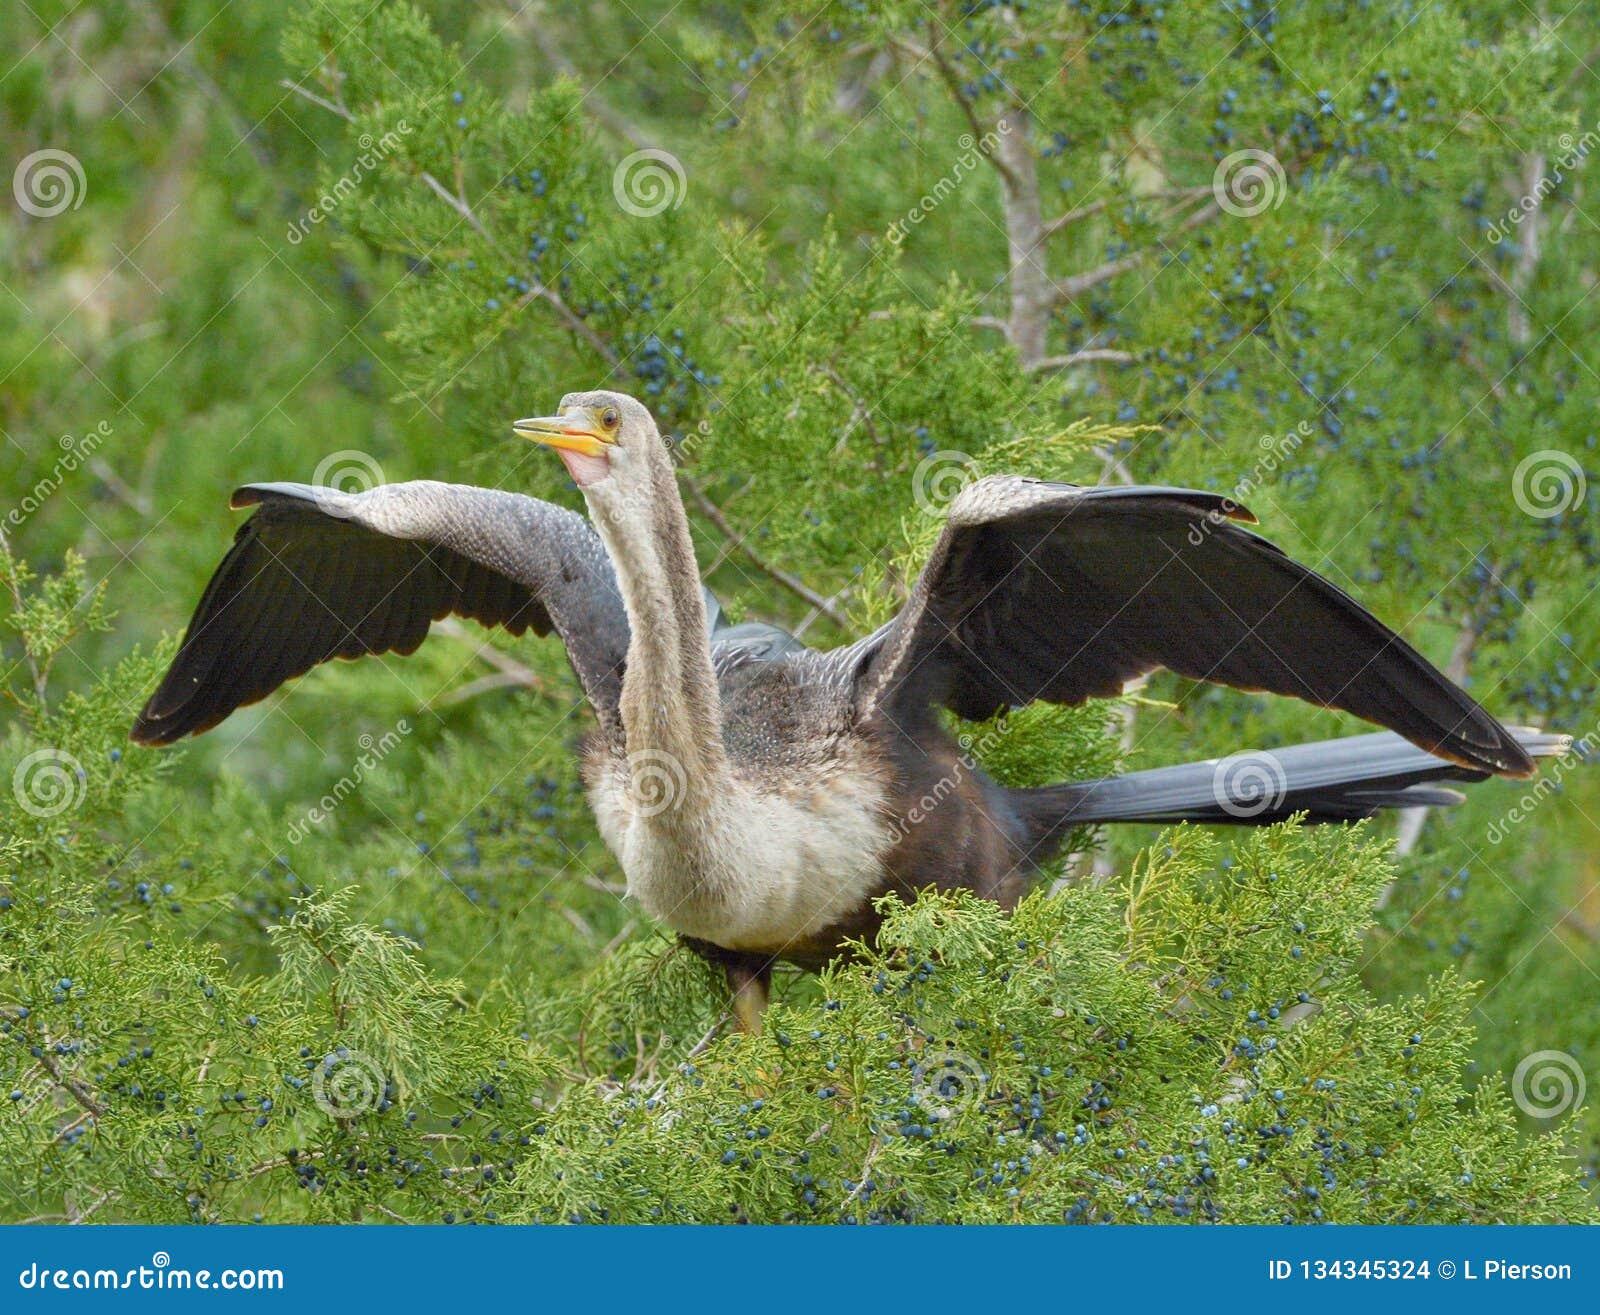 De opeenvolgende duikvluchten verstoren de veren die van anhinga, de vogel vereisen om veel te besteden van zijn tijd het gladstr